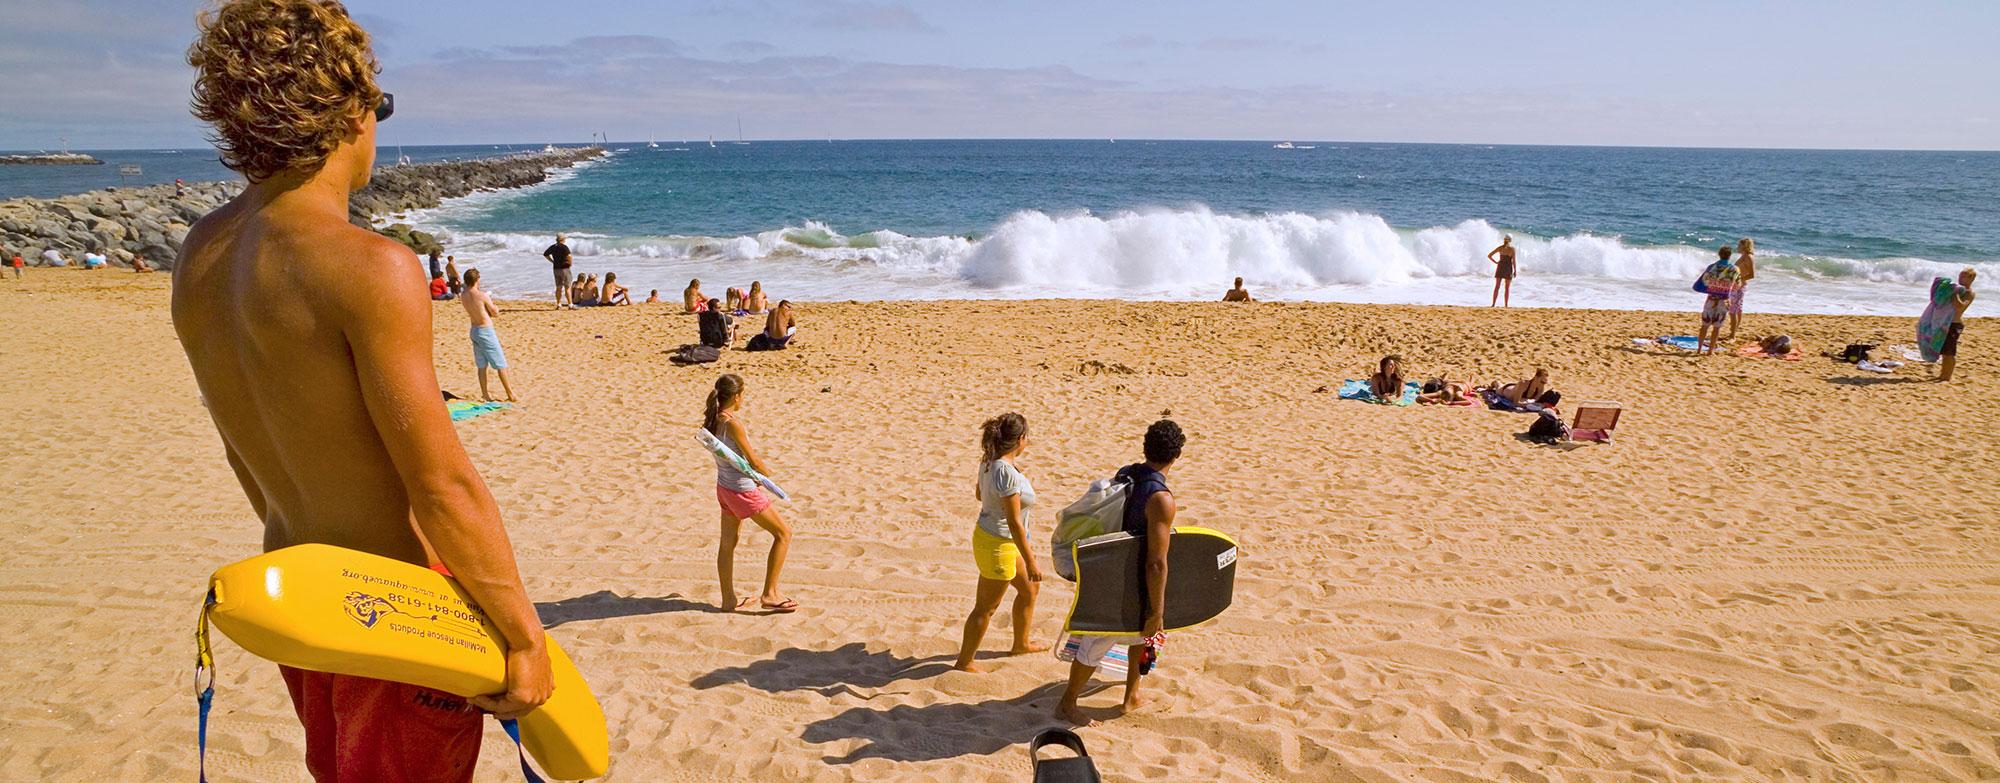 Newport Beach Beaches Parks